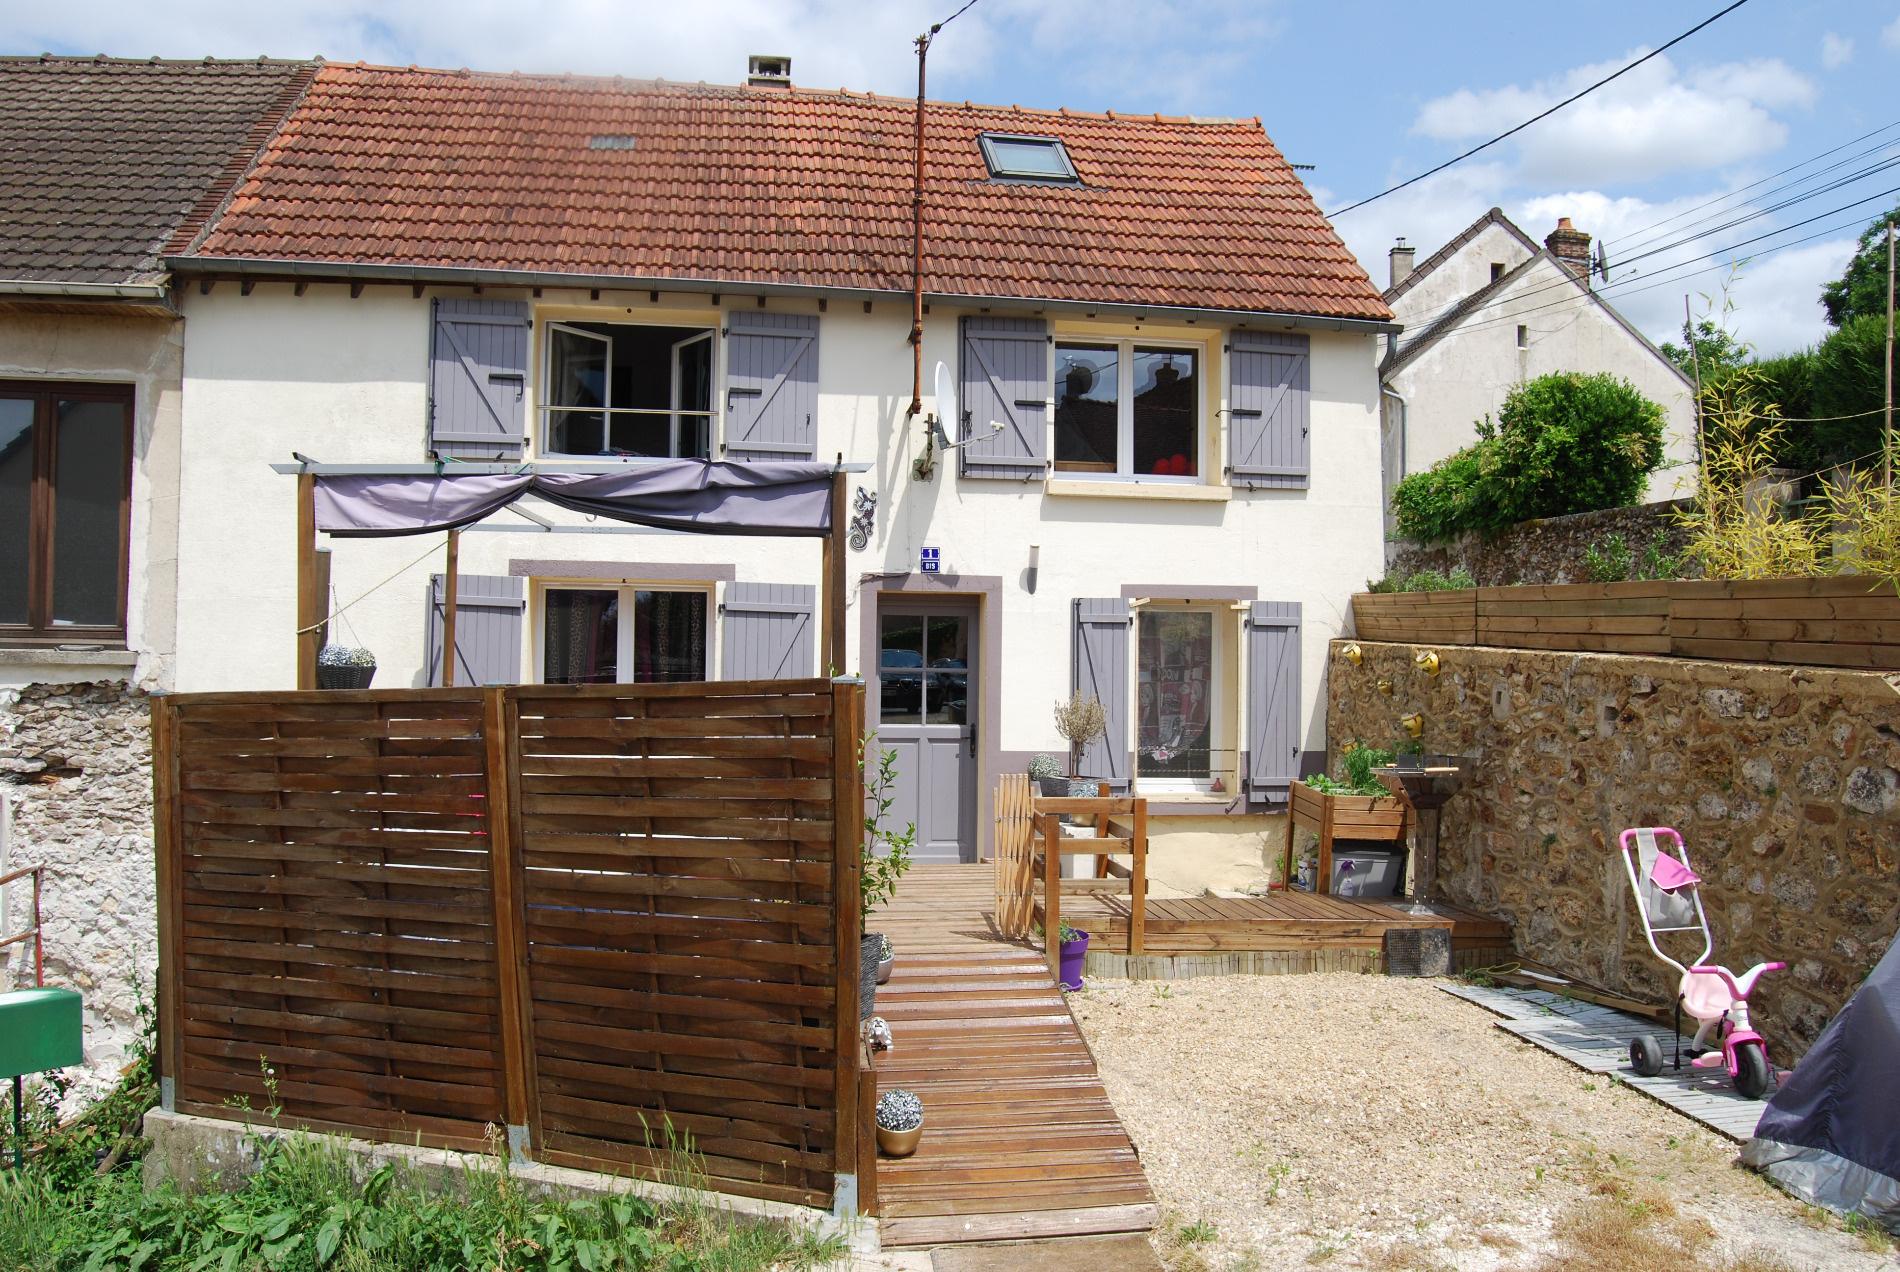 Annonce location maison la fert sous jouarre 77260 for Annonces de location de maison